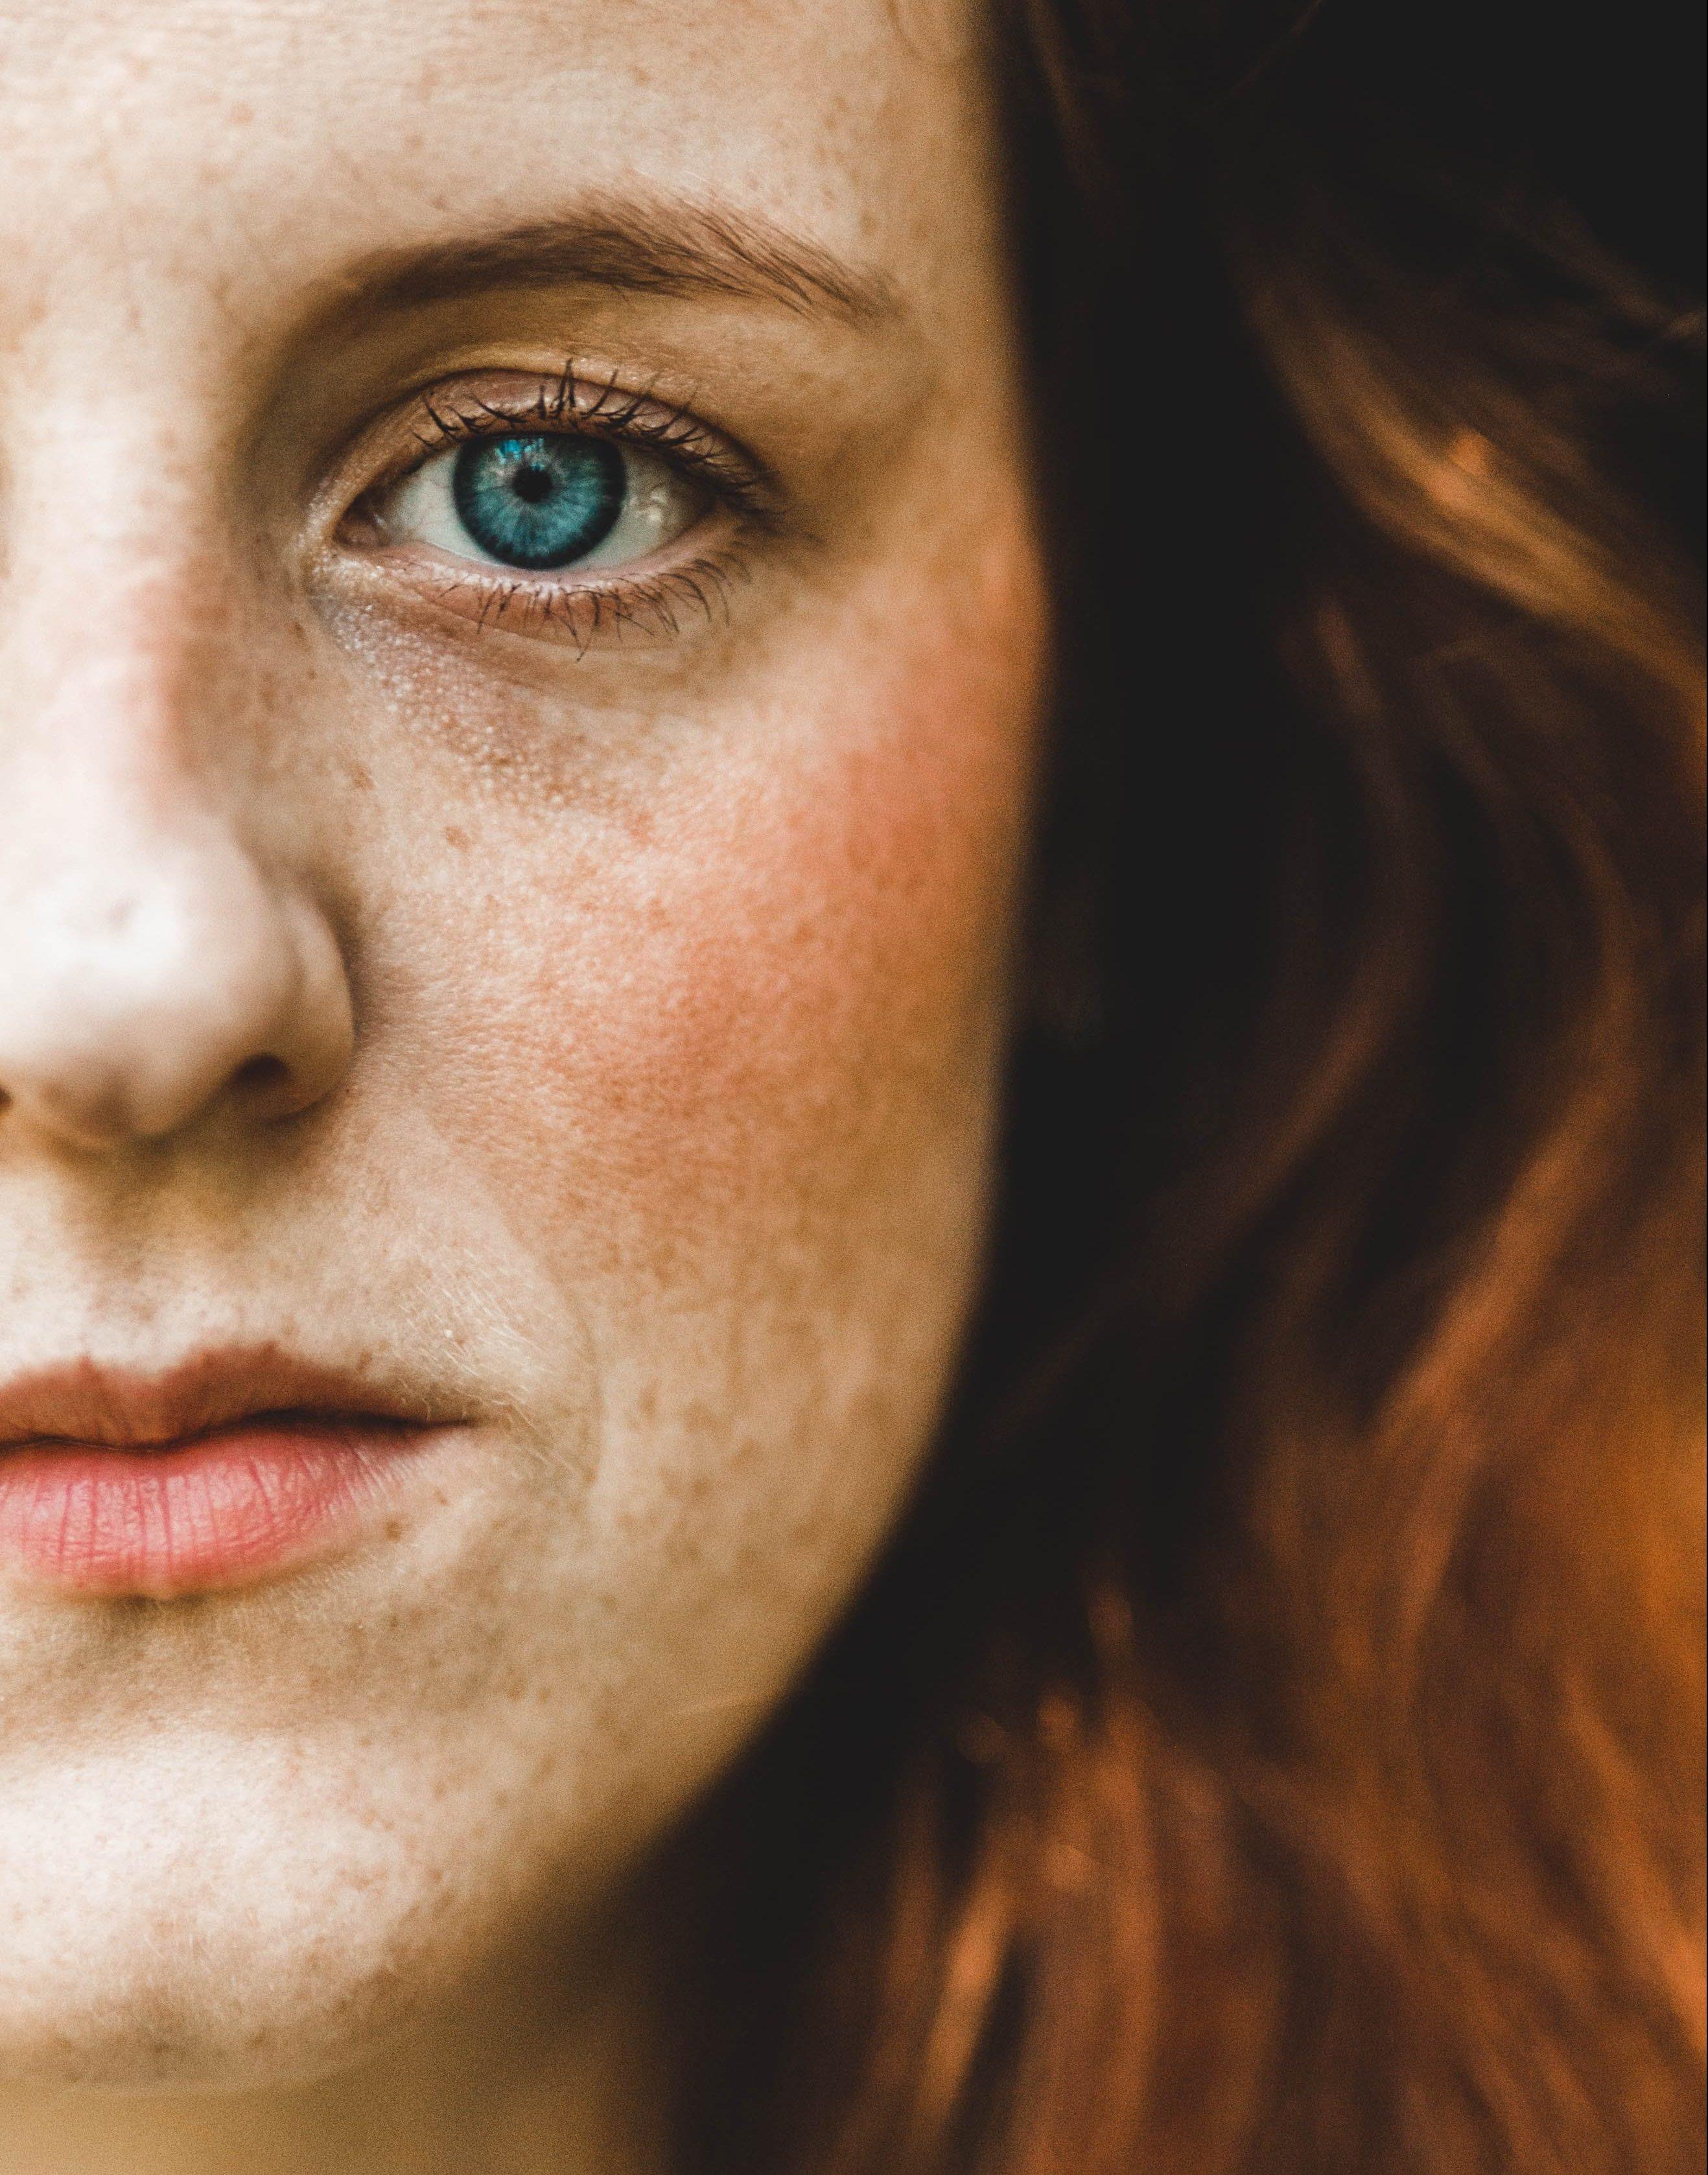 girl, woman, pige, kvinde, ansigt, face, rødhåret